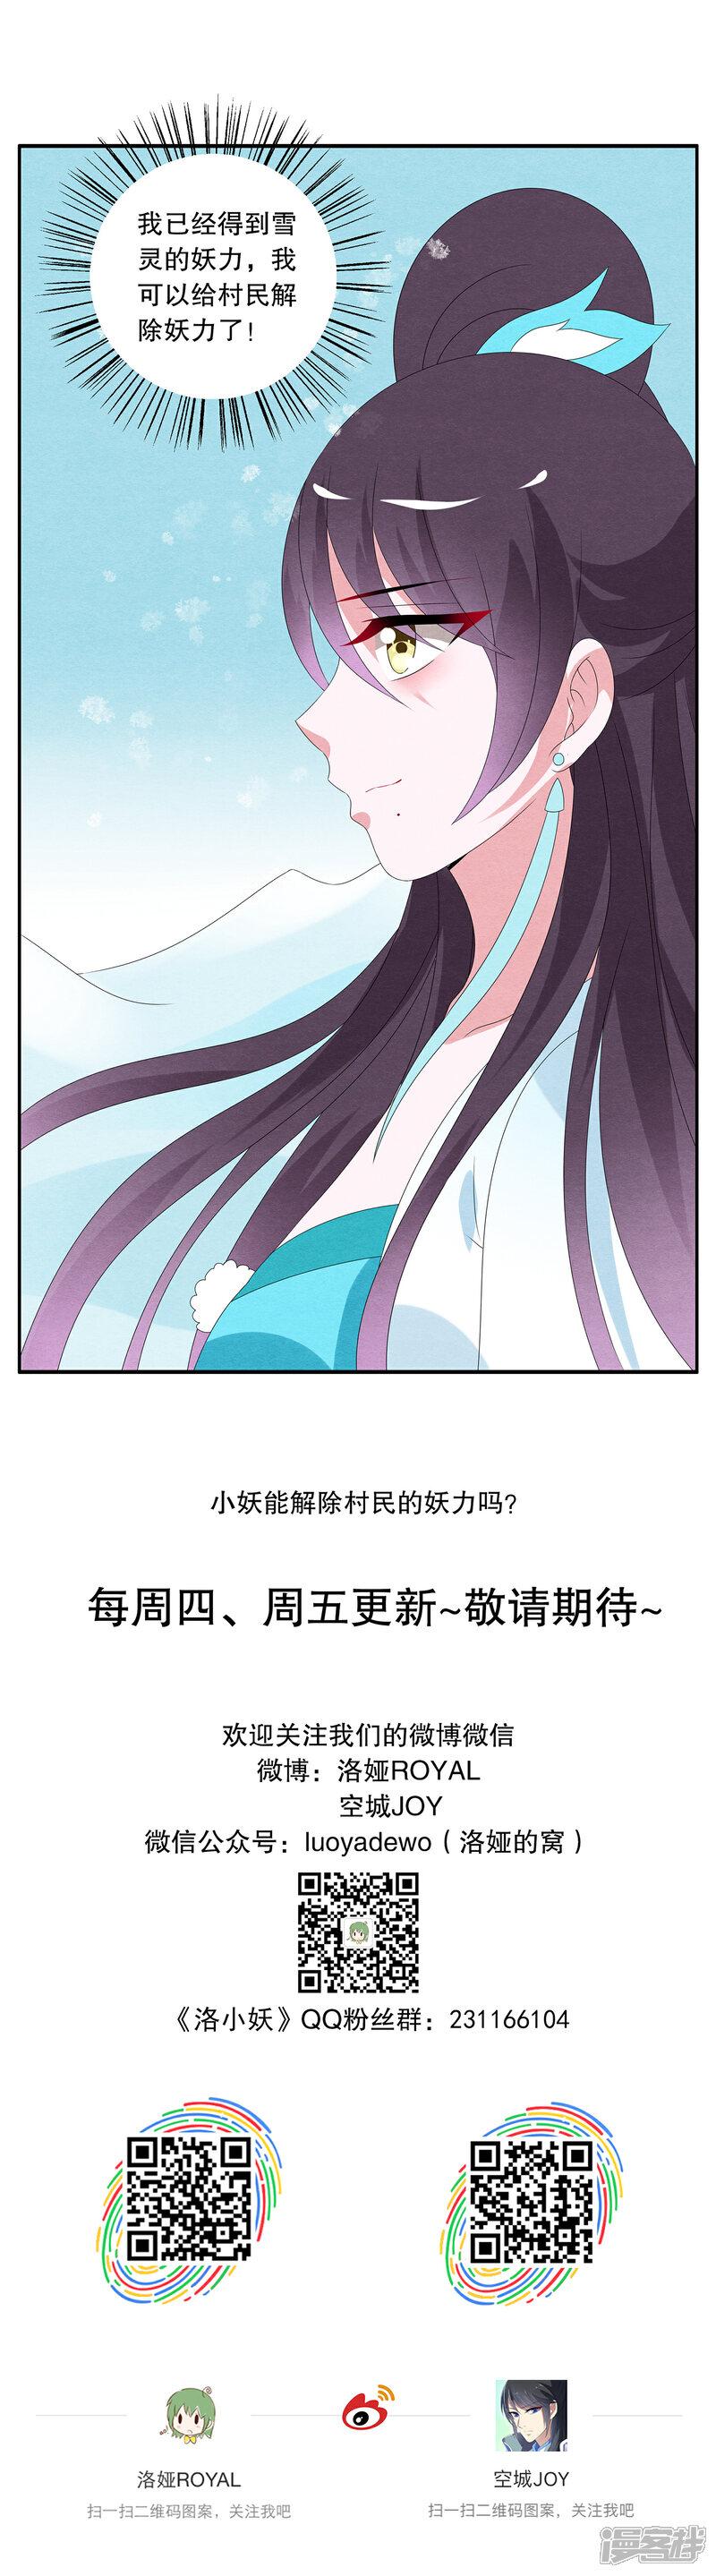 洛小妖90910015-2.jpg